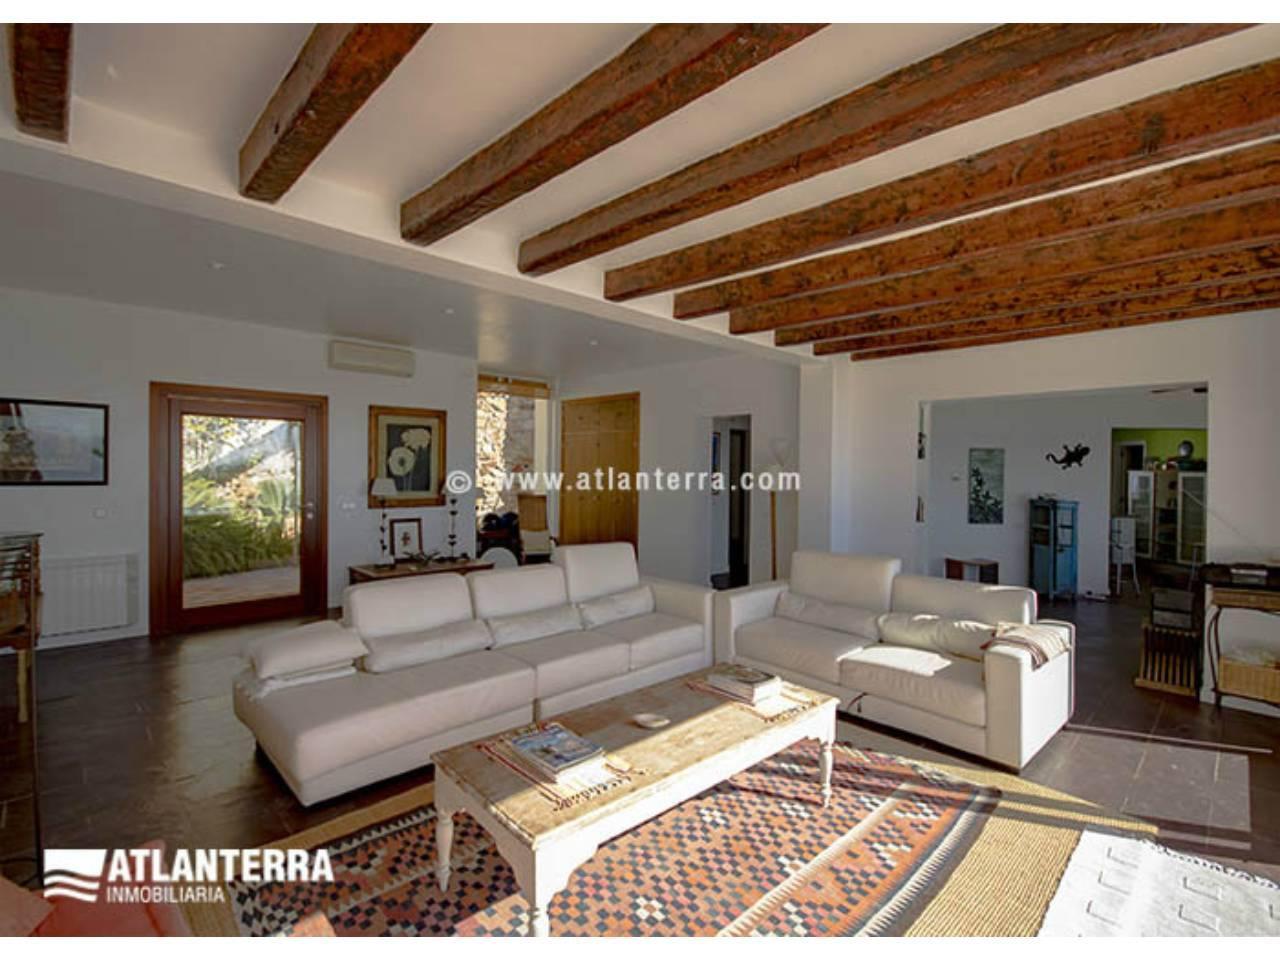 25885350 3170057 foto 075273 - Estilo rústico, privacidad y vistas maravillosas en esta villa en Zahara de los Atunes (Cádiz)